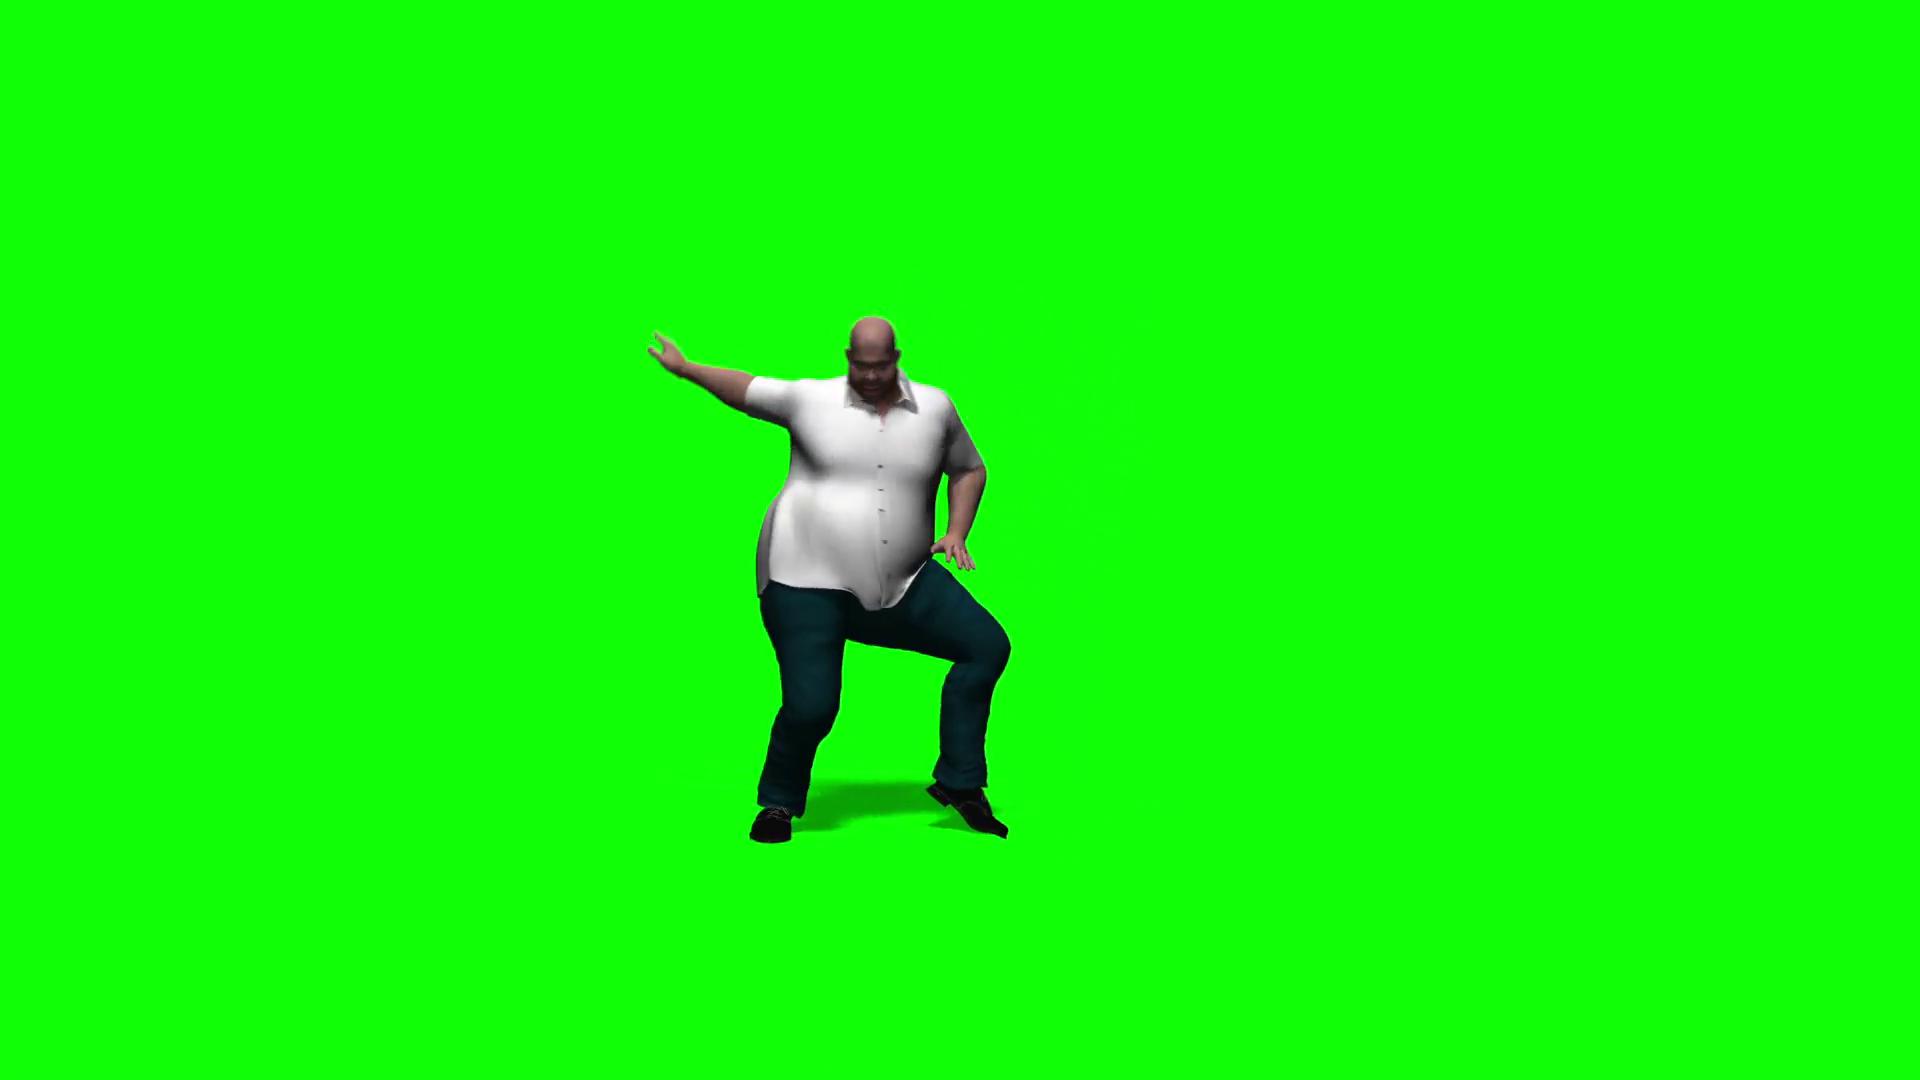 1920x1080 Fat Man Dancing (Green Screen) Motion Background